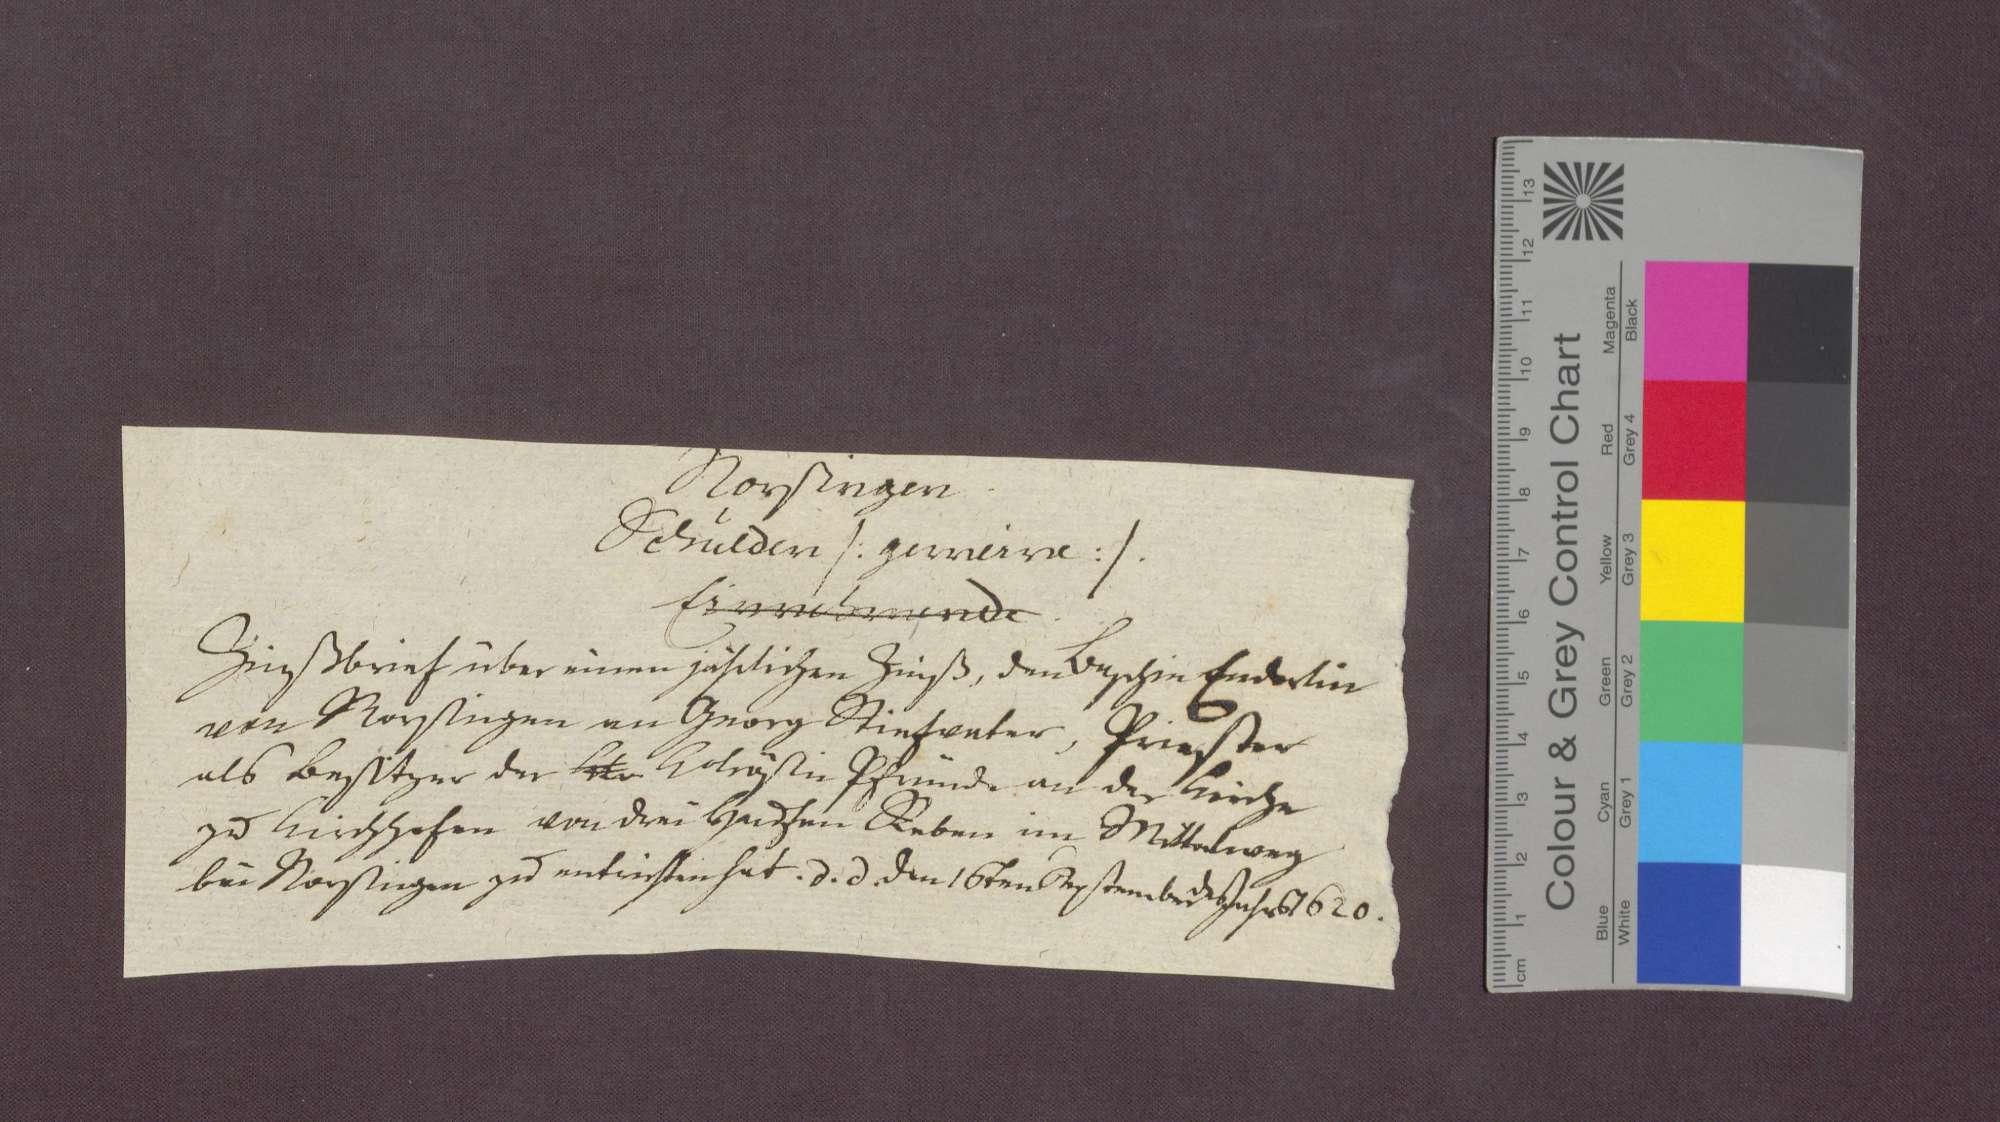 Schuldverschreibung des Sebastian Enderlin von Norsingen gegenüber der Colrosen-Pfründe in Kirchhofen., Bild 1